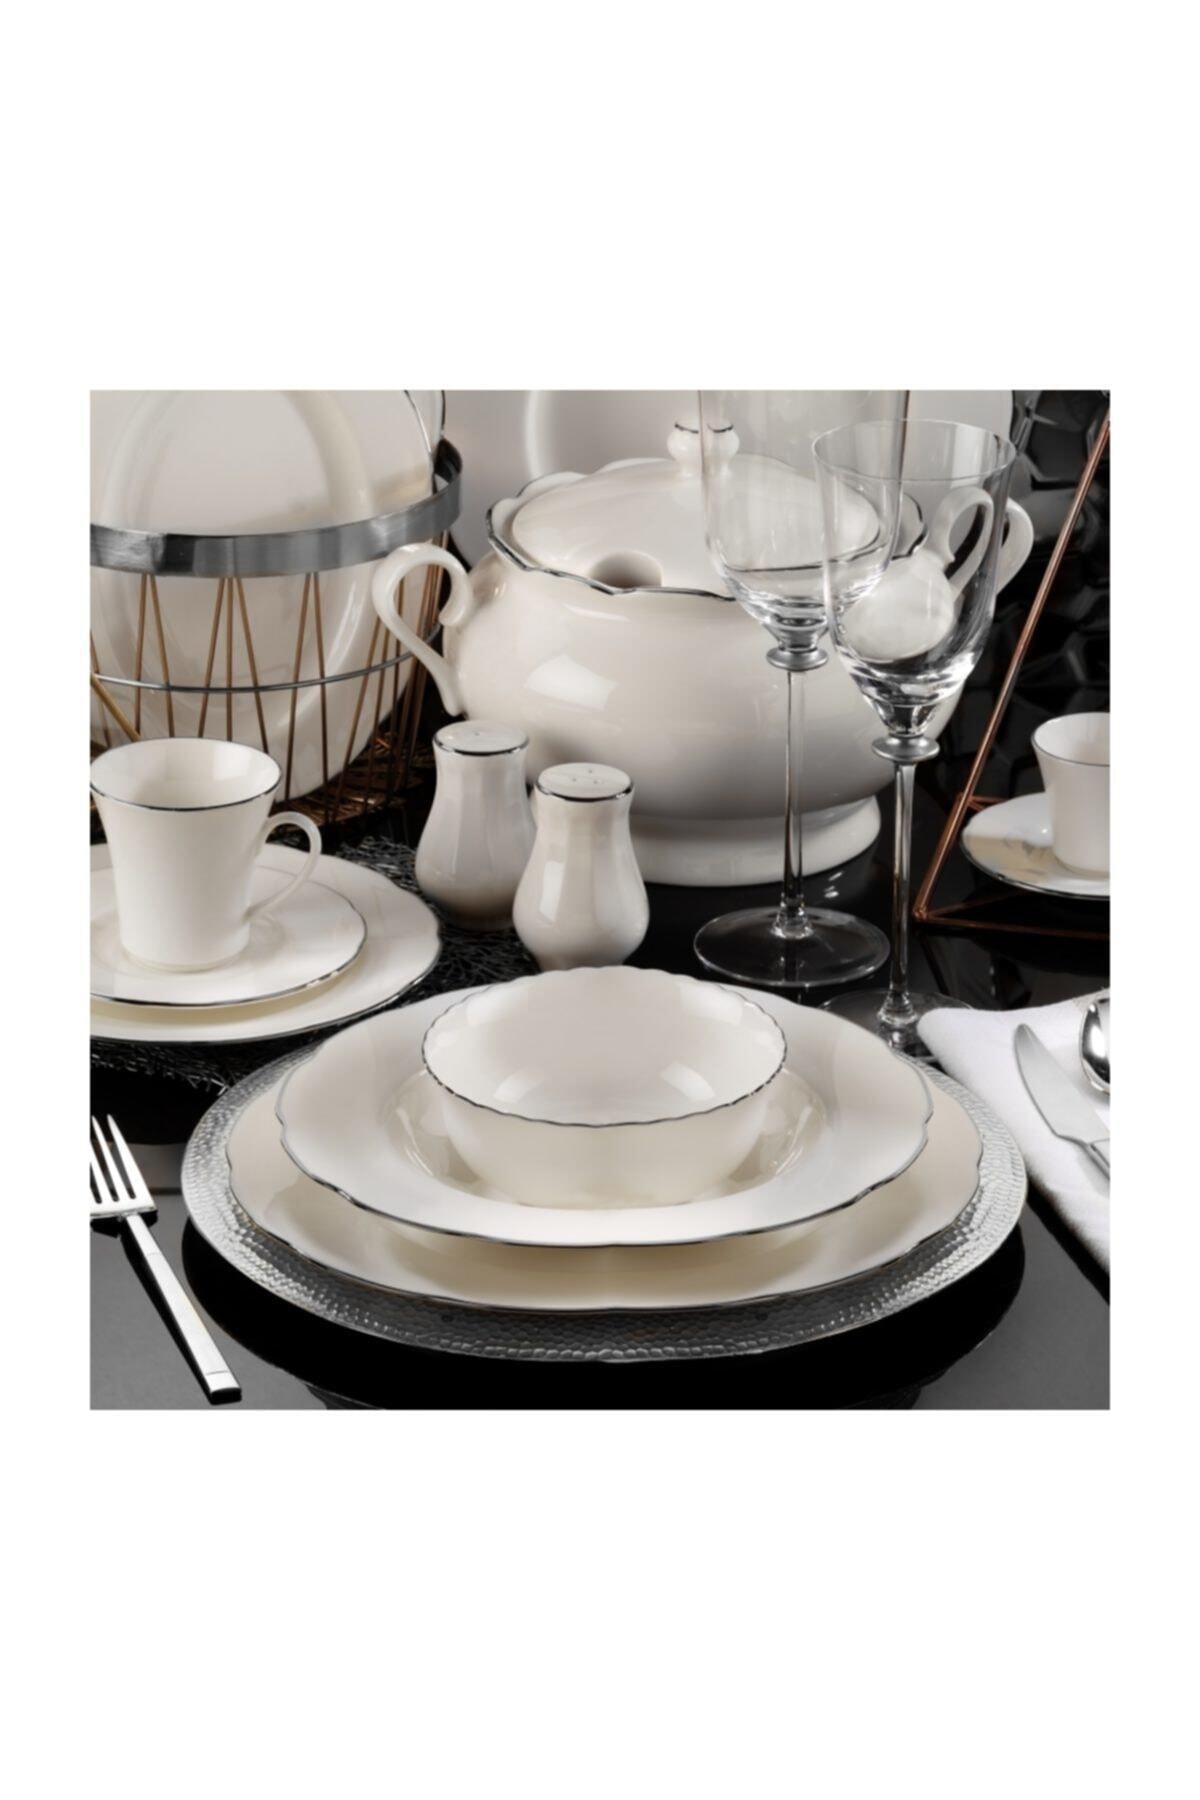 Kütahya Porselen Olympos 83 Parça Yemek Takımı Platın File Bnoly83yt220 1